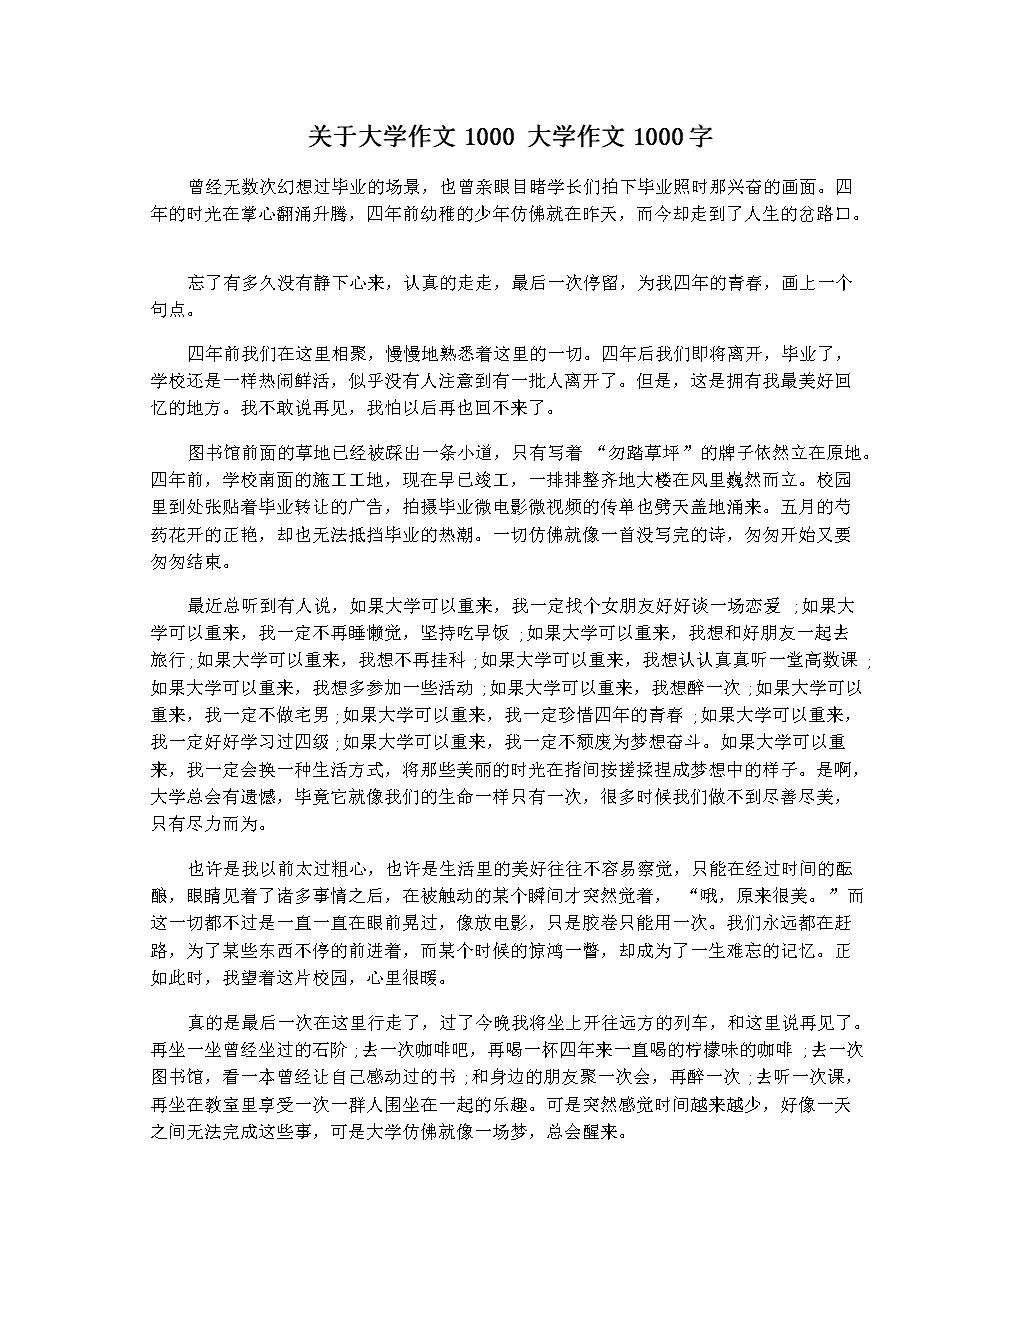 關于大學作文1000 大學作文1000字.docx